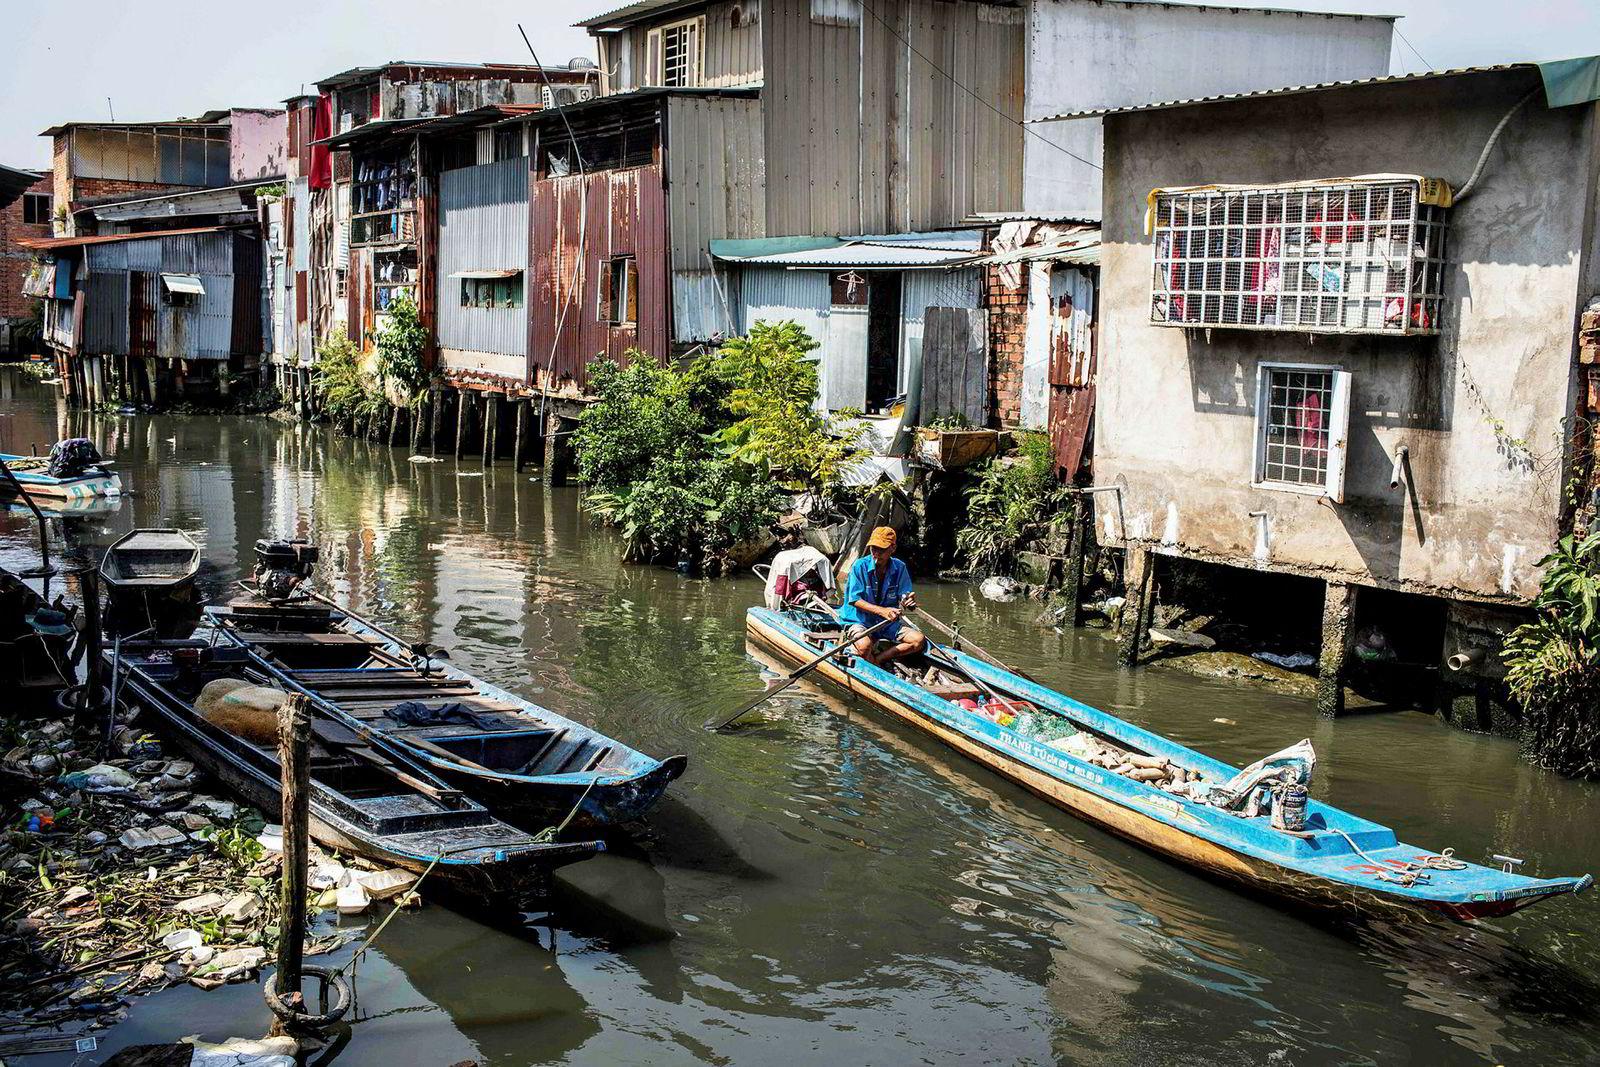 Mye av den daglige handelen og frakt av varer foregår på kanalen.